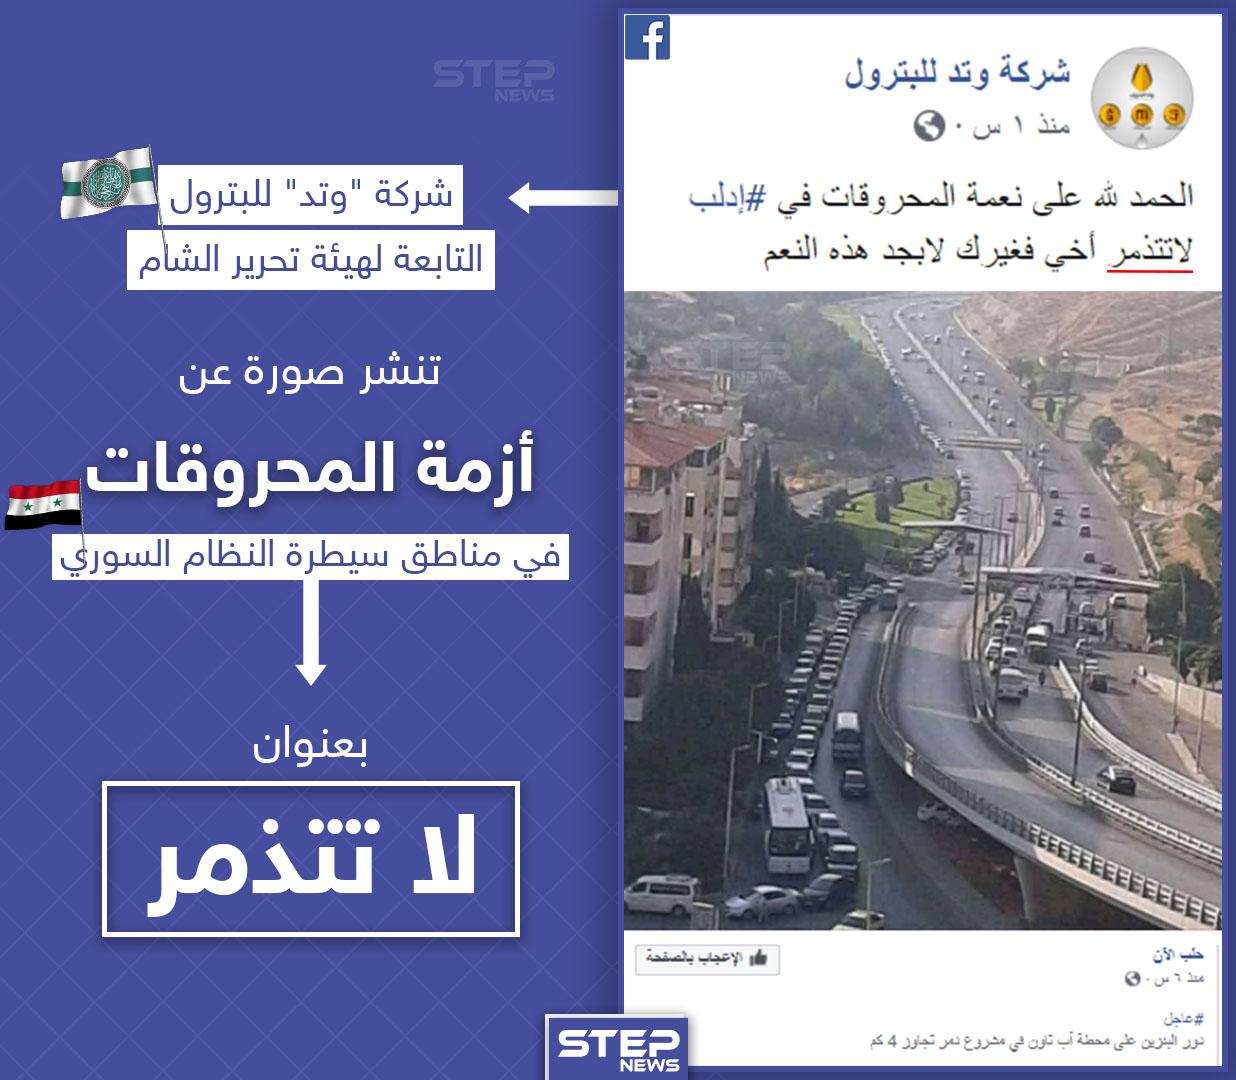 إذا كنت من سكان إدلب أخبرنا عن حال النعم التي تعيش بها؟